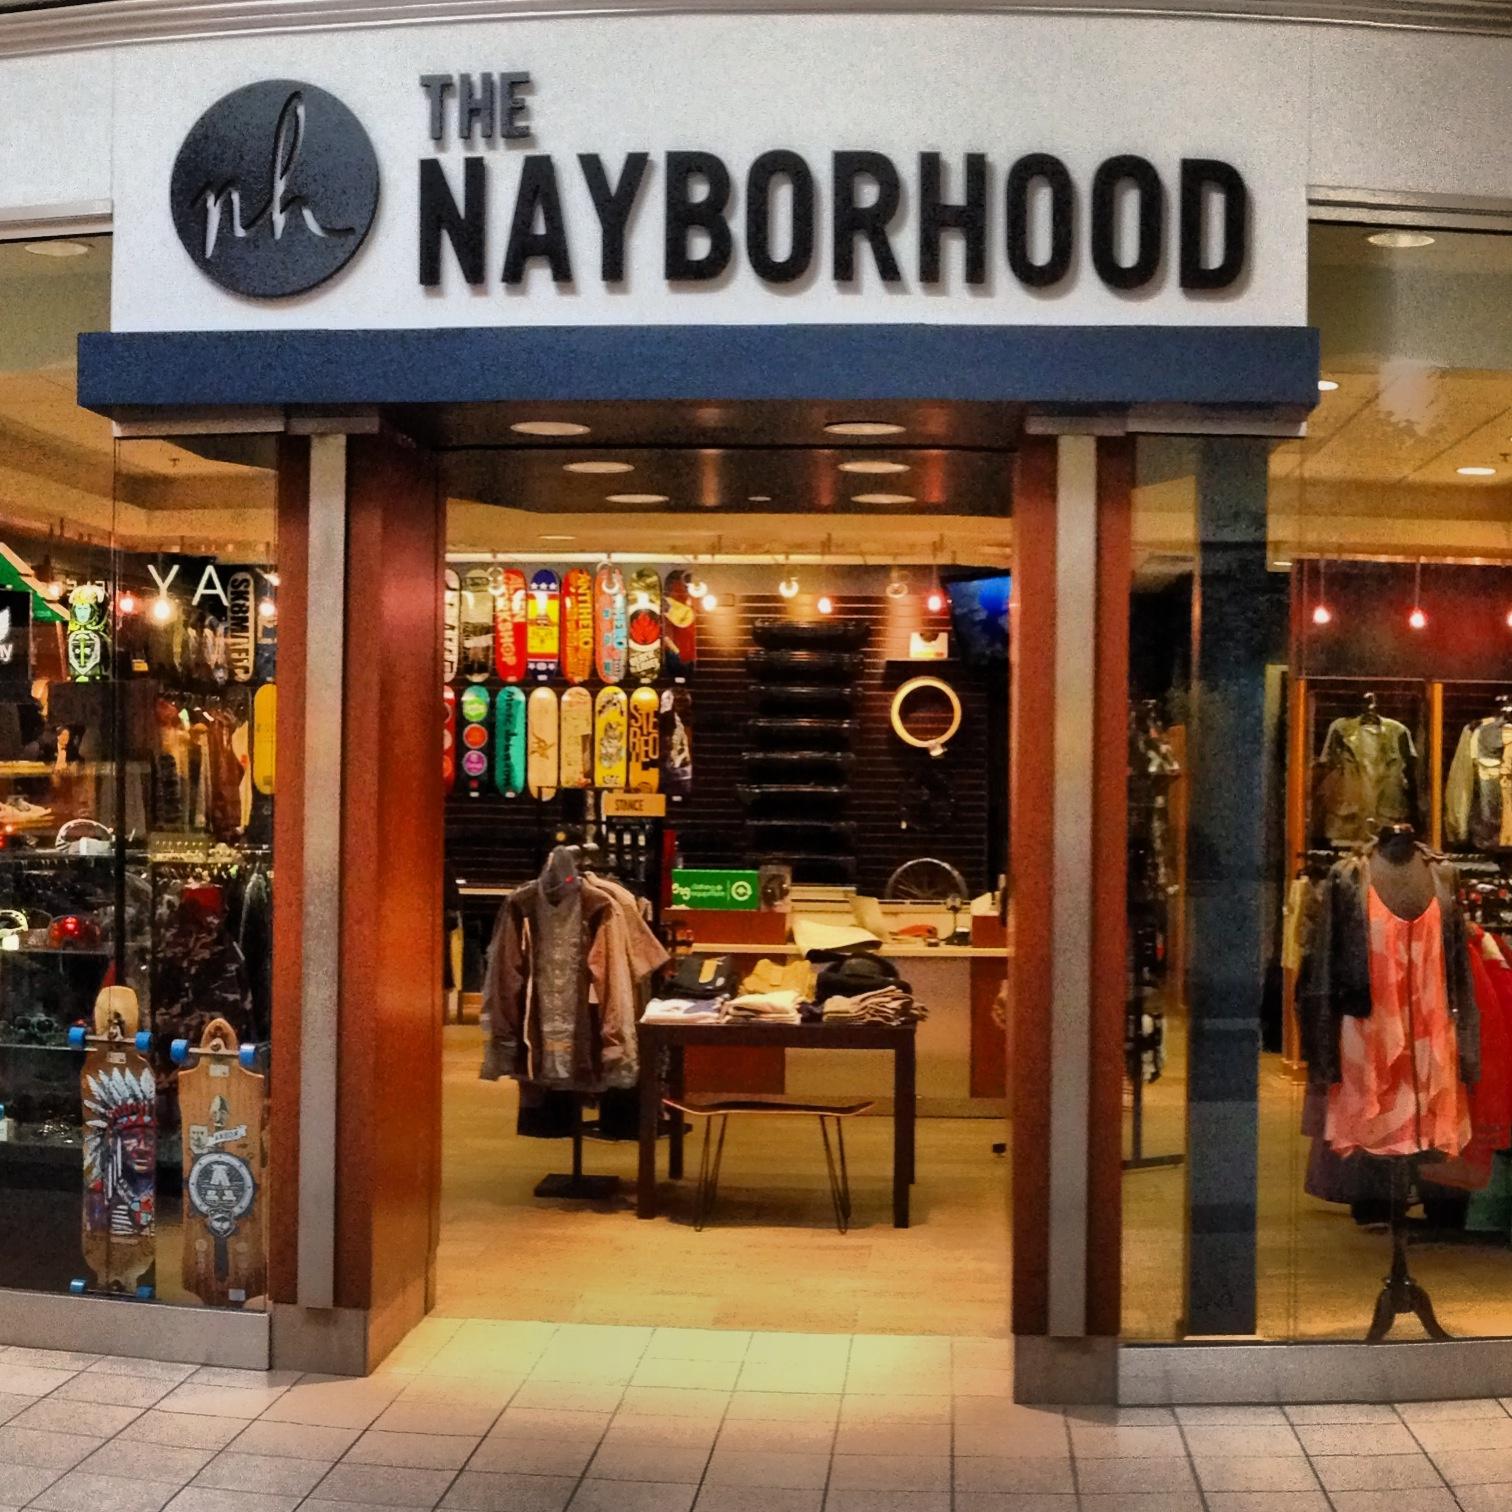 The Nayborhood